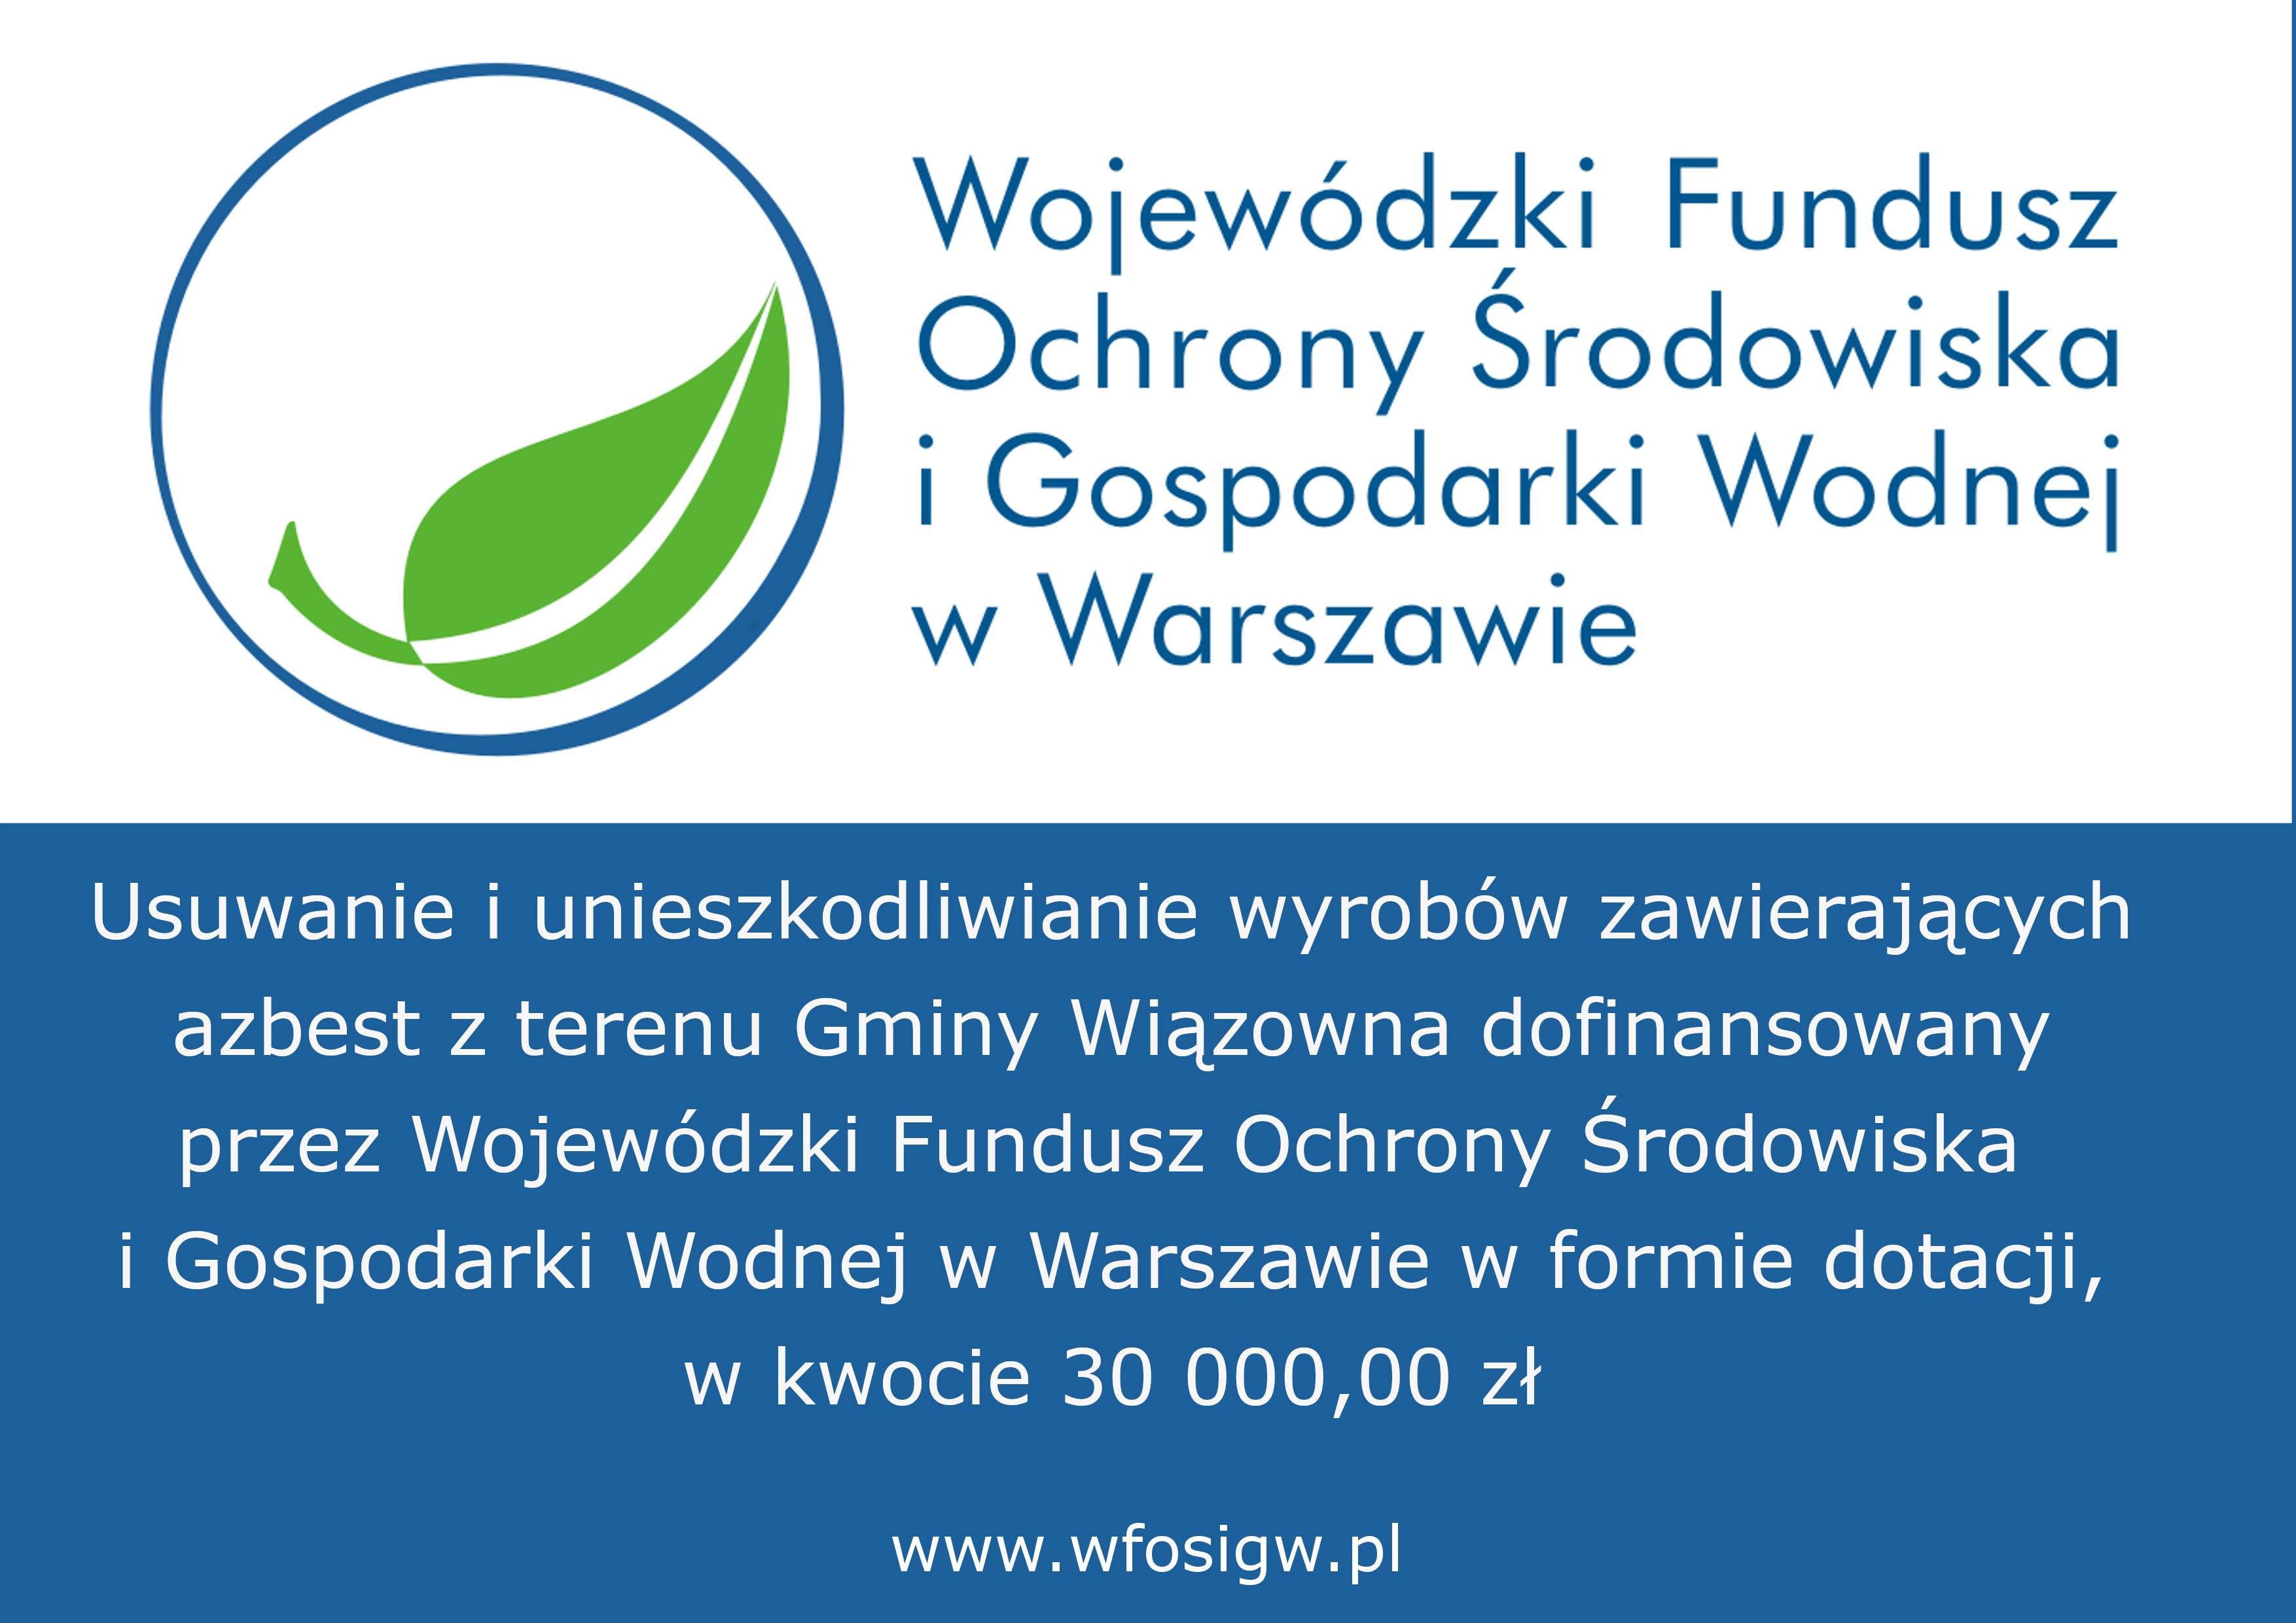 Tablica z logiem Wojewódzkiego Funduszu Ochrony Środowiska i Gospodarki Wodnej w Warszawie informująca o dotacji dla gminy Wiązowna